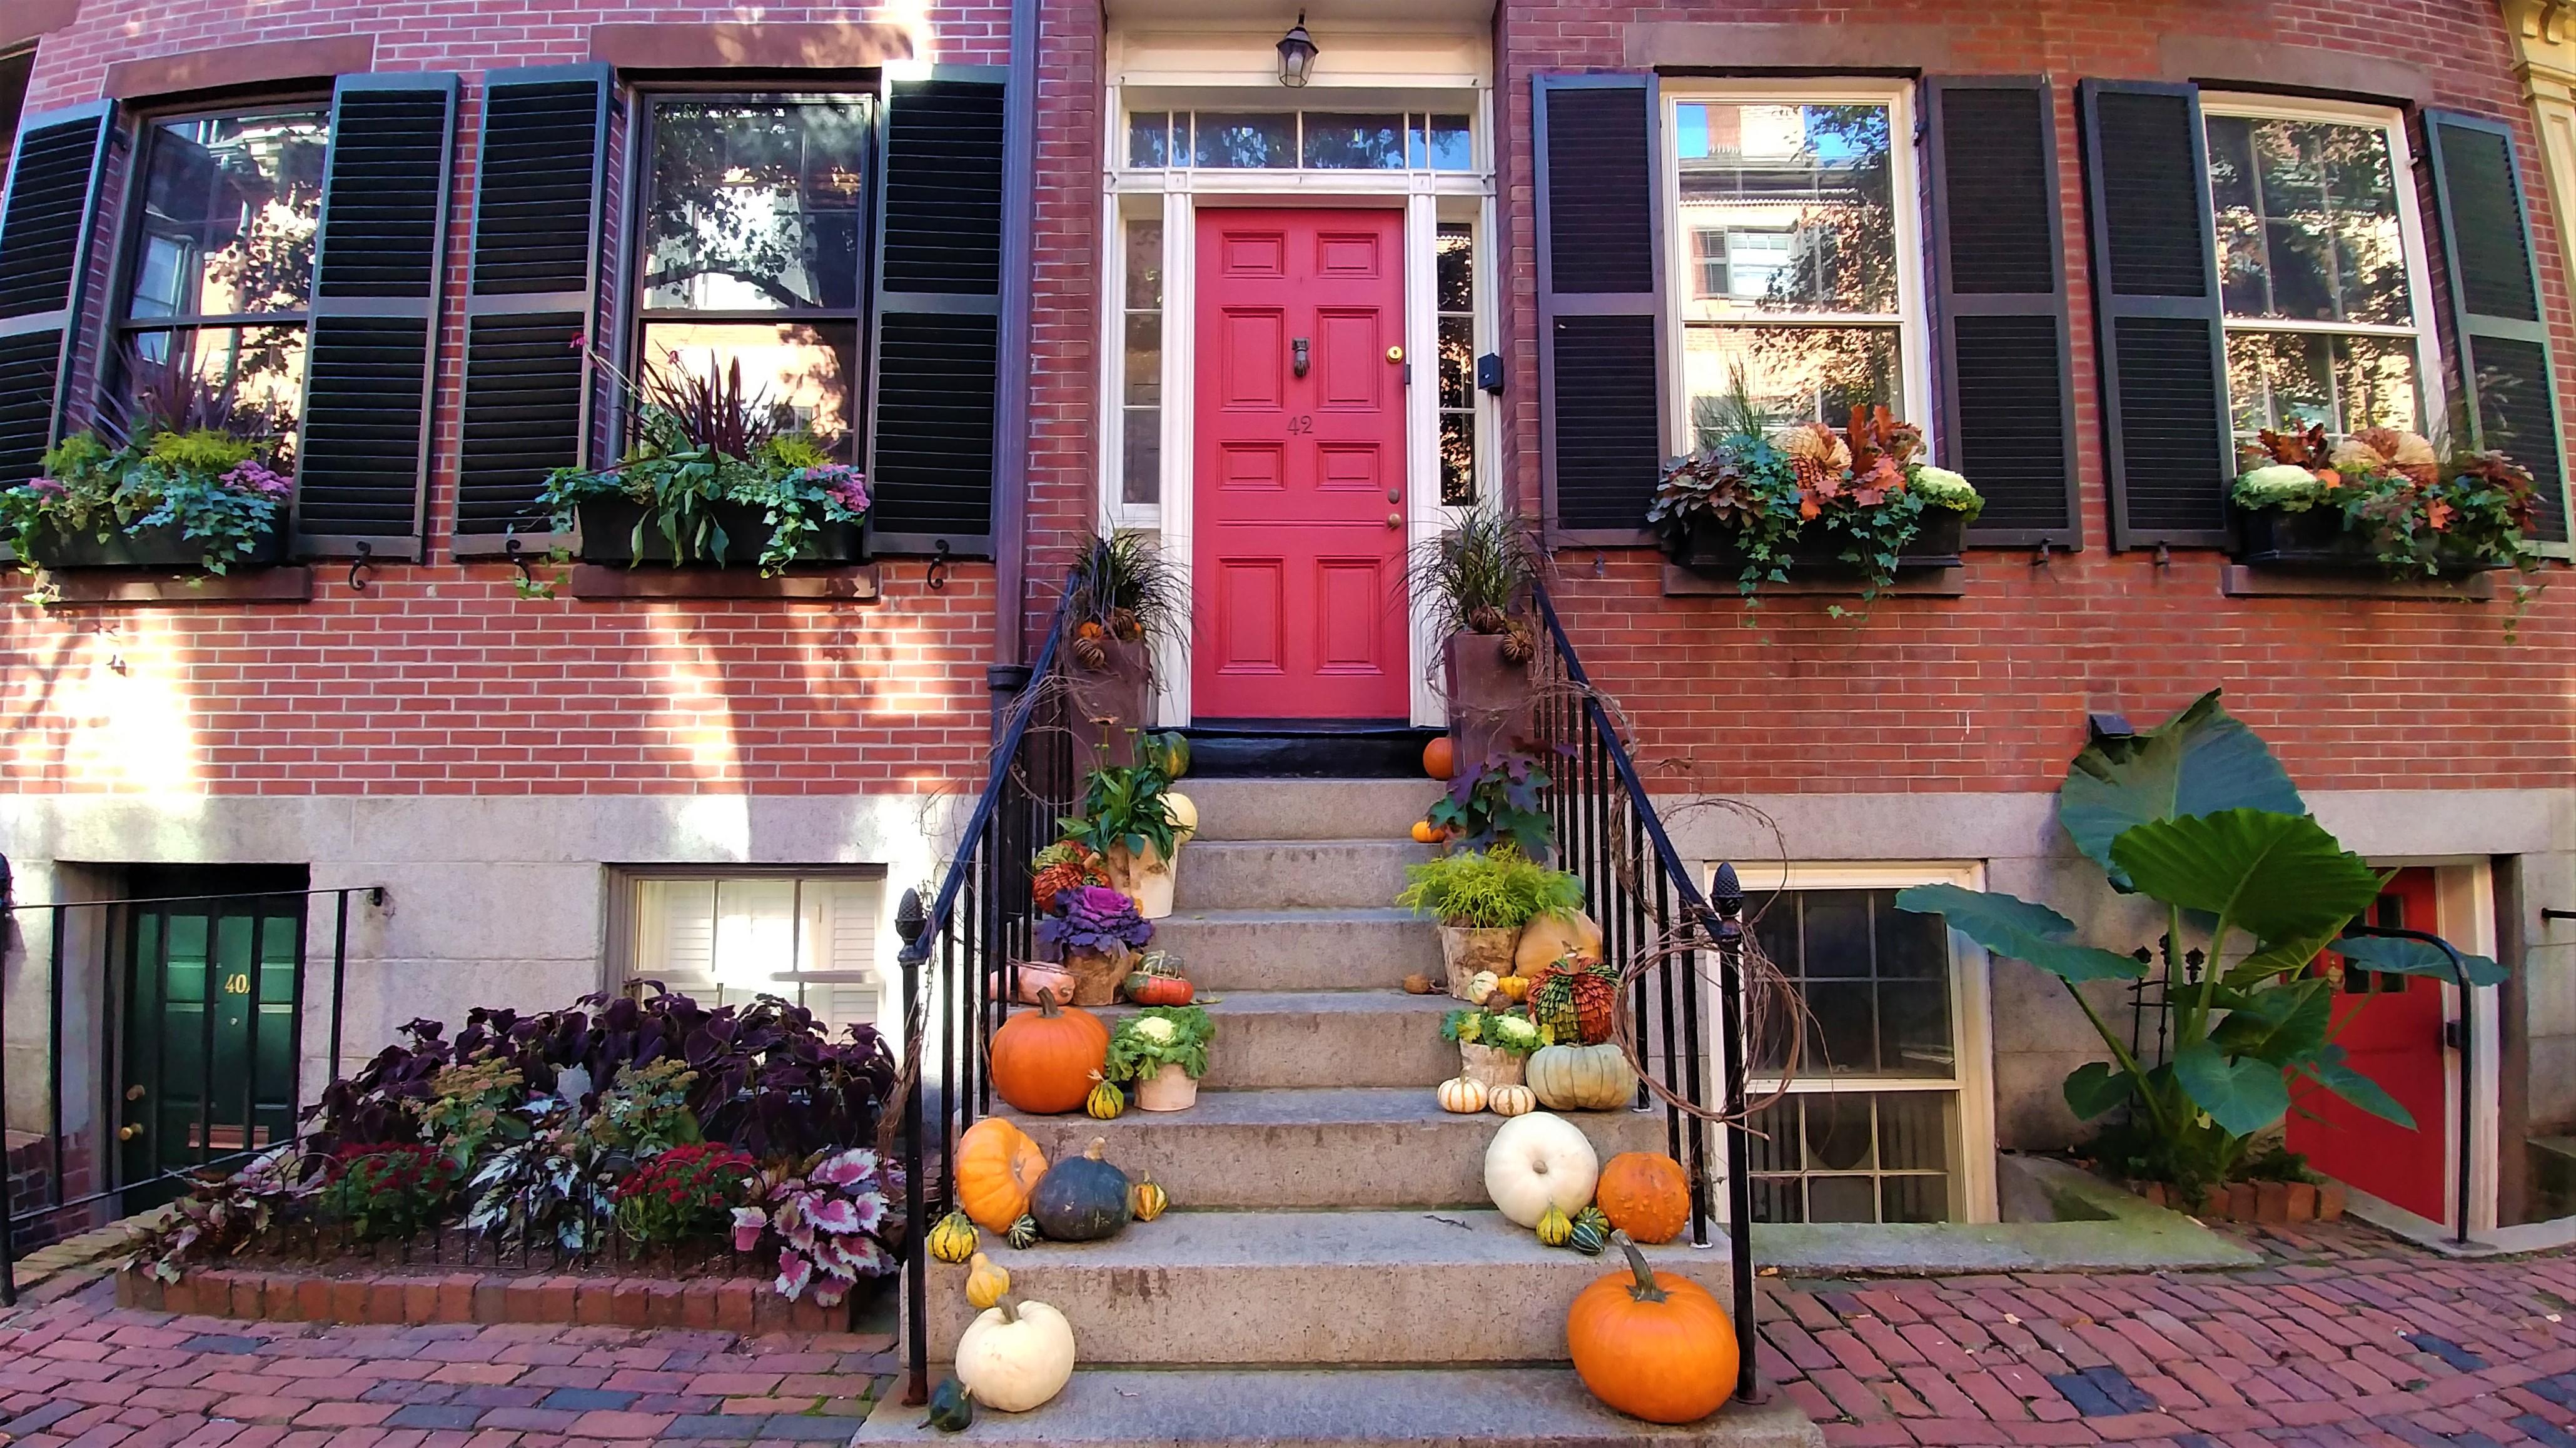 beacon hill boston road-trip usa blog voyage automne arpenter le chemin